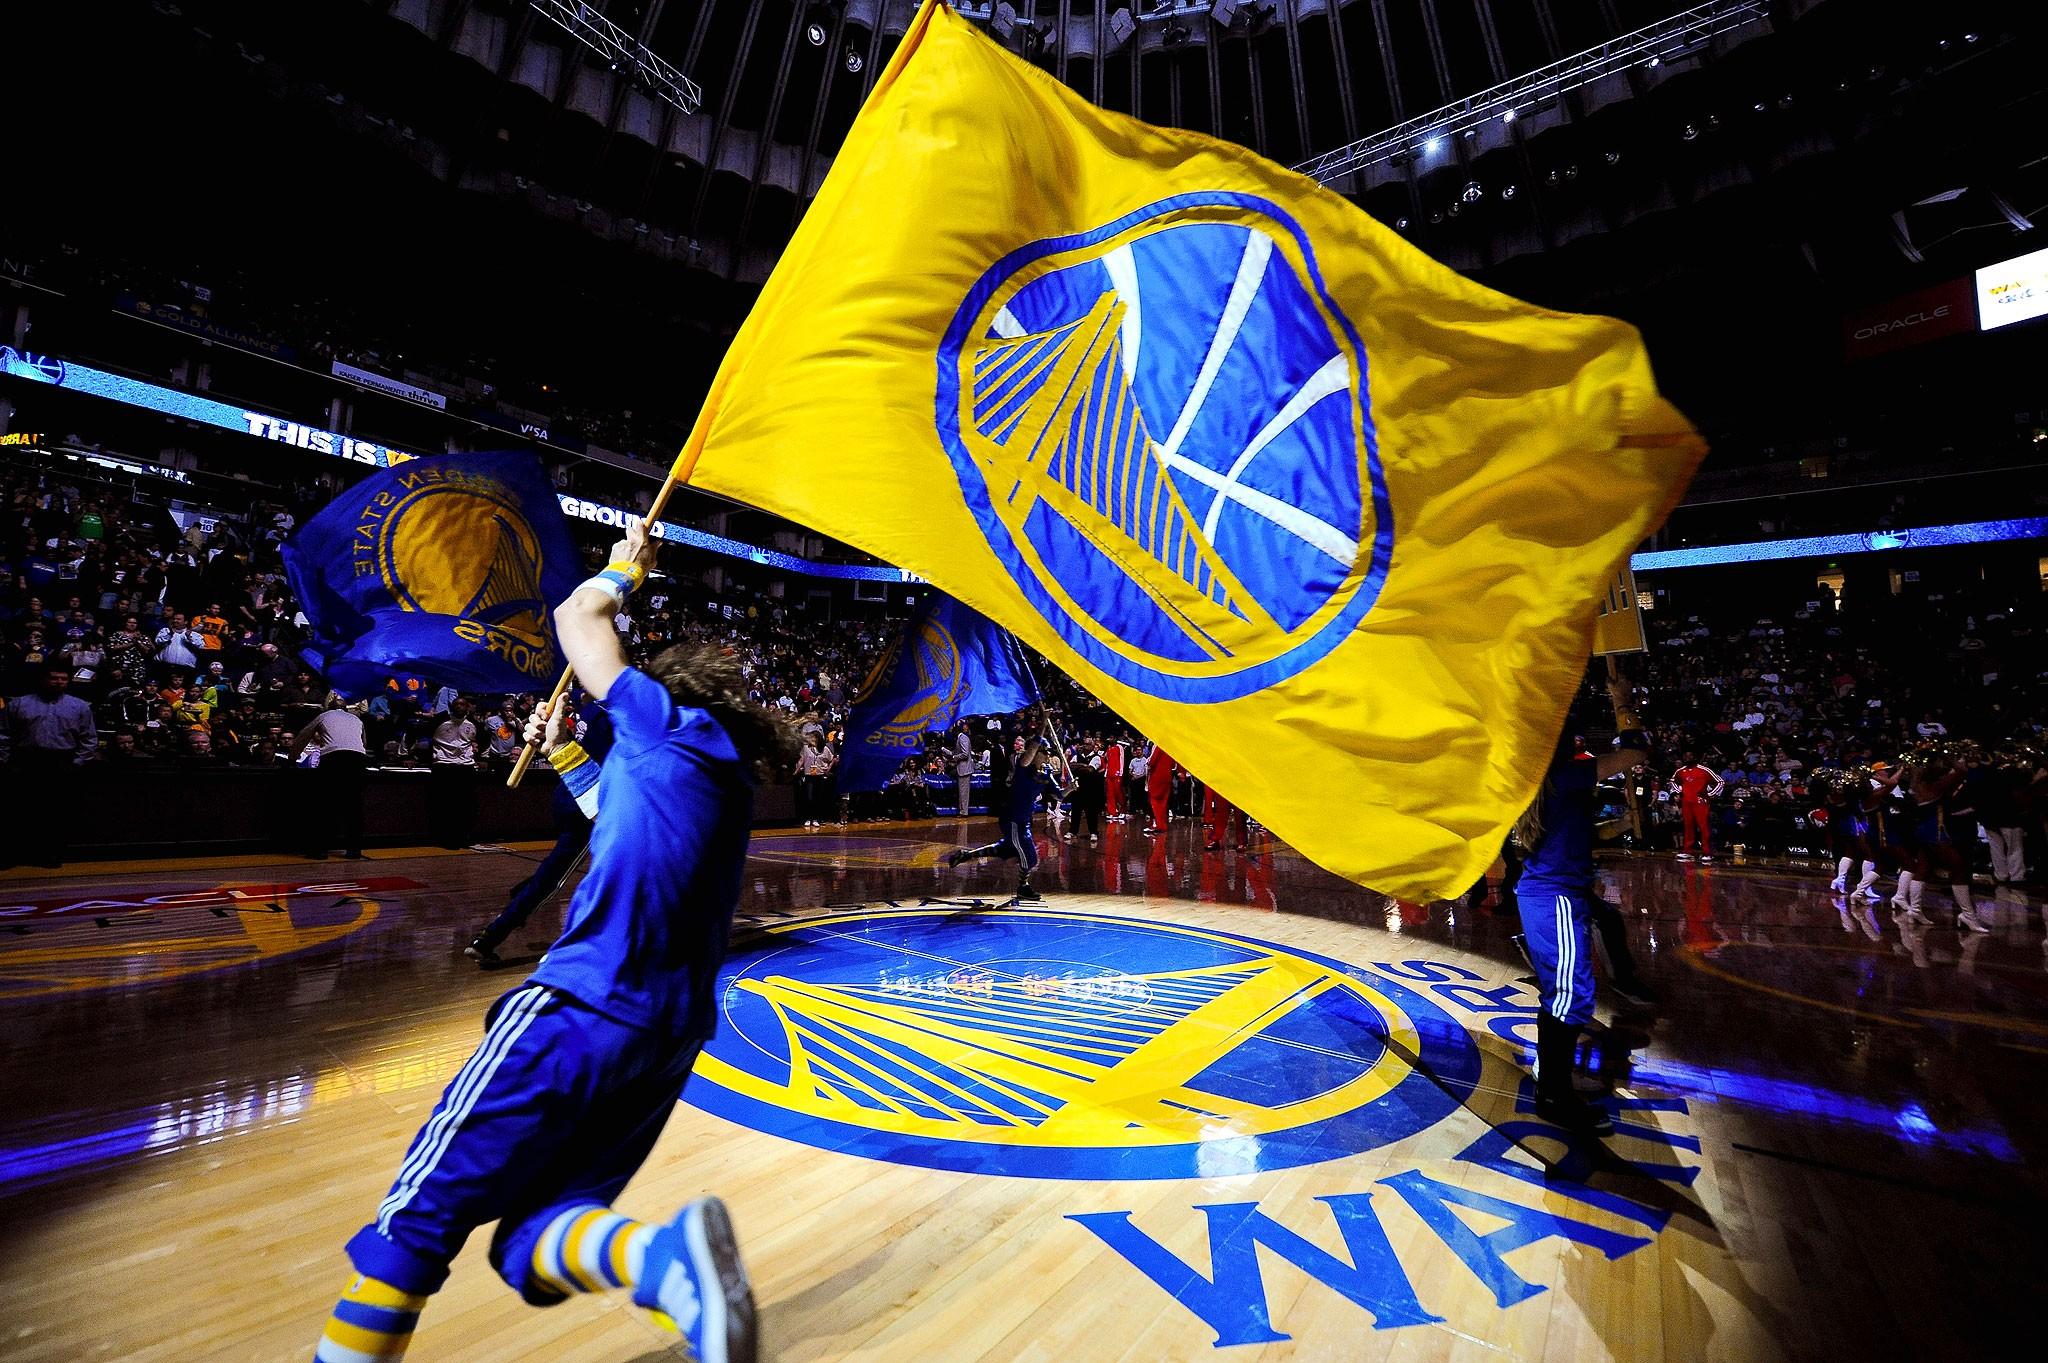 NBA, Basketball, Sports, Golden State Warriors, Warrior Wallpapers